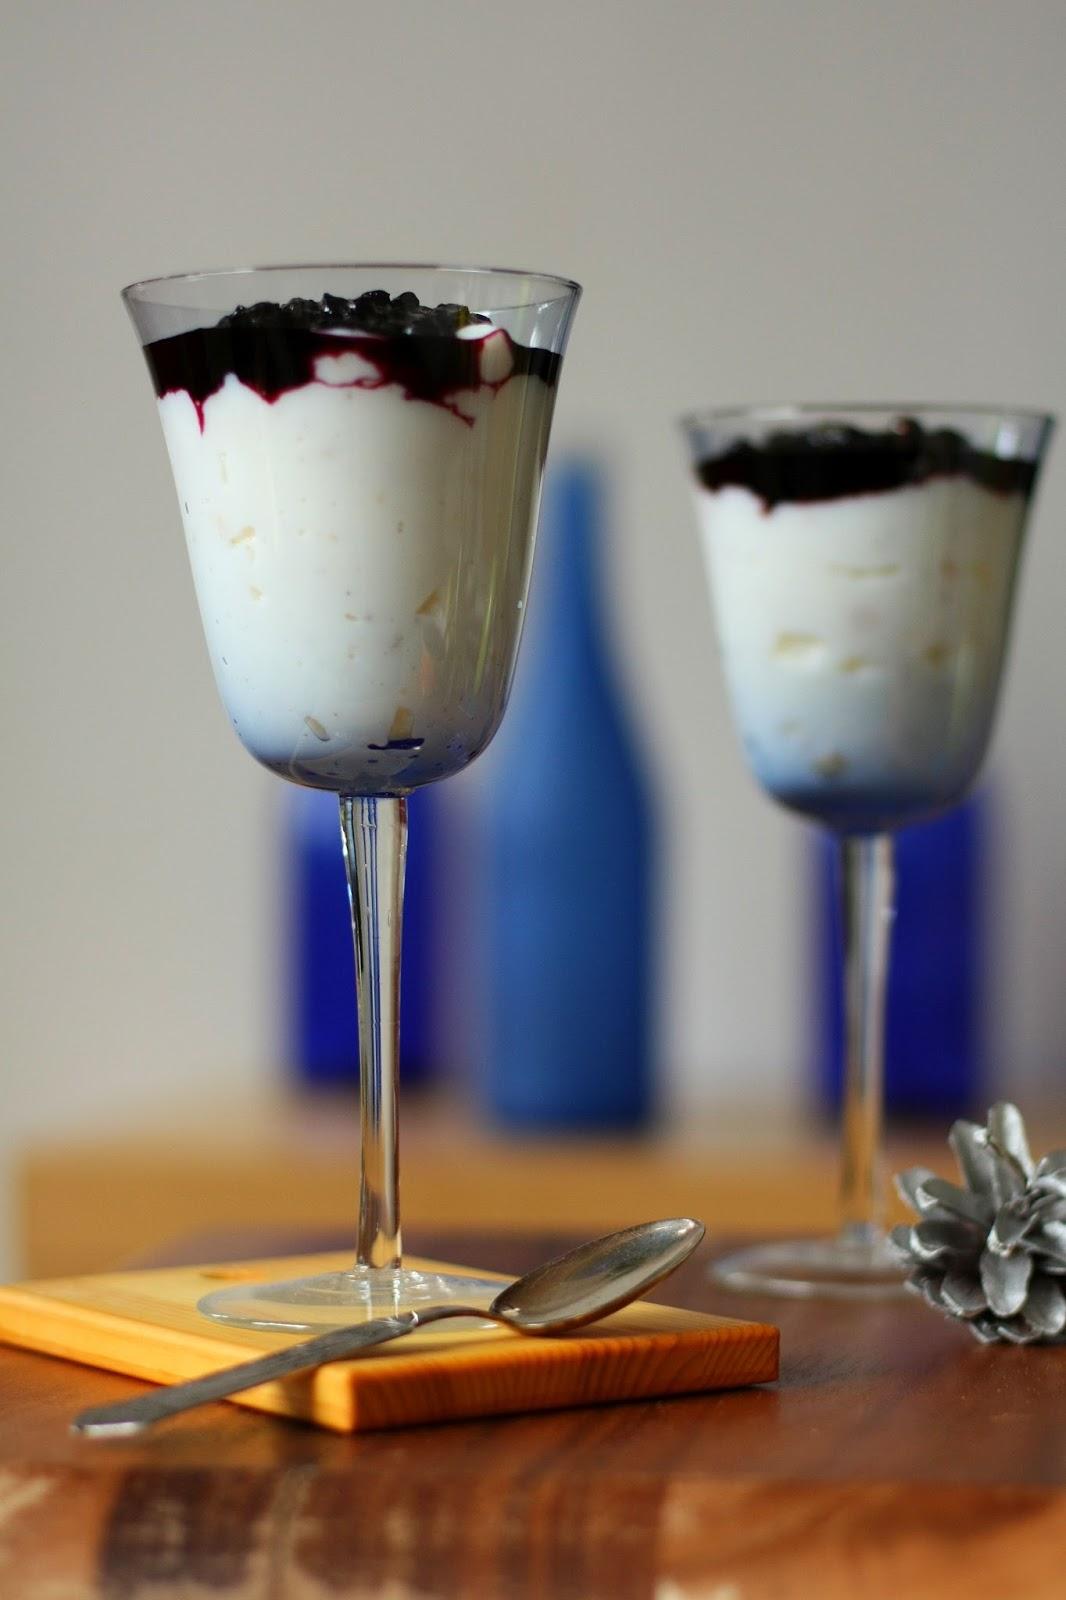 vaniljakiisseli mustikkahillo pikamustikkahillo pikahillo mustikka jälkiruoka kiisseli kerroskiisseli suomi100